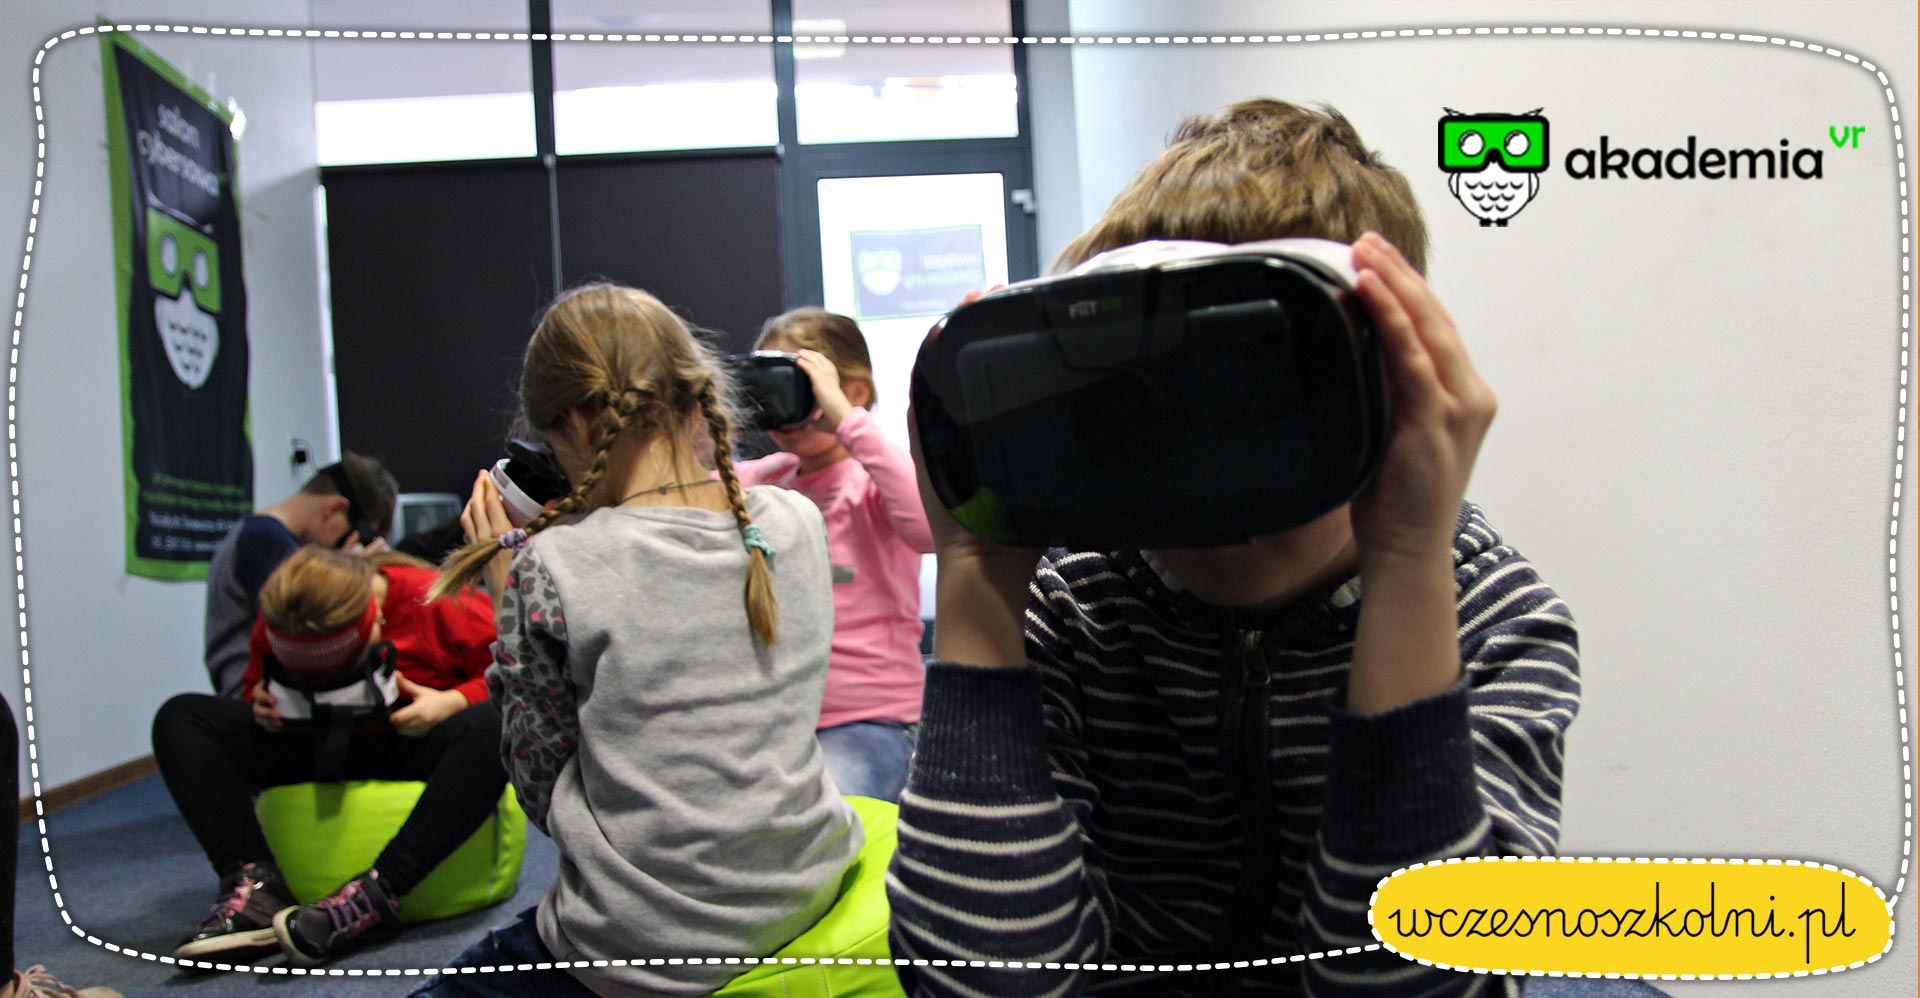 Akademia VR - wirtualna rzeczywistość w edukacji wczesnoszkolnej